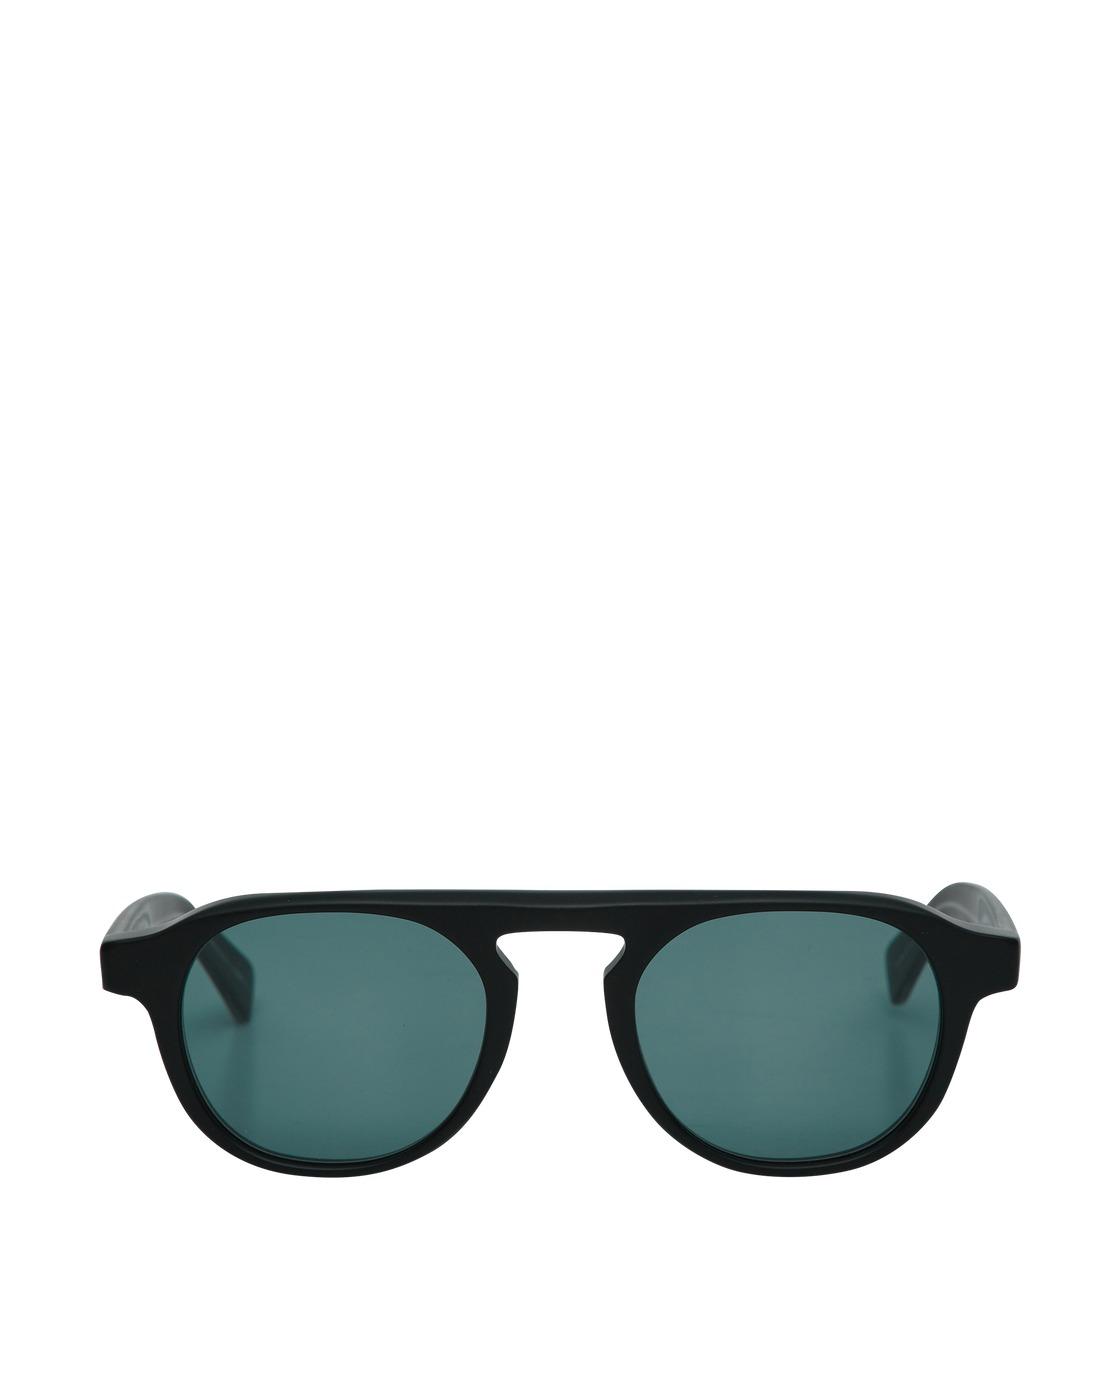 Photo: Garrett Leight Harding Sunglasses Matblack/Valley View